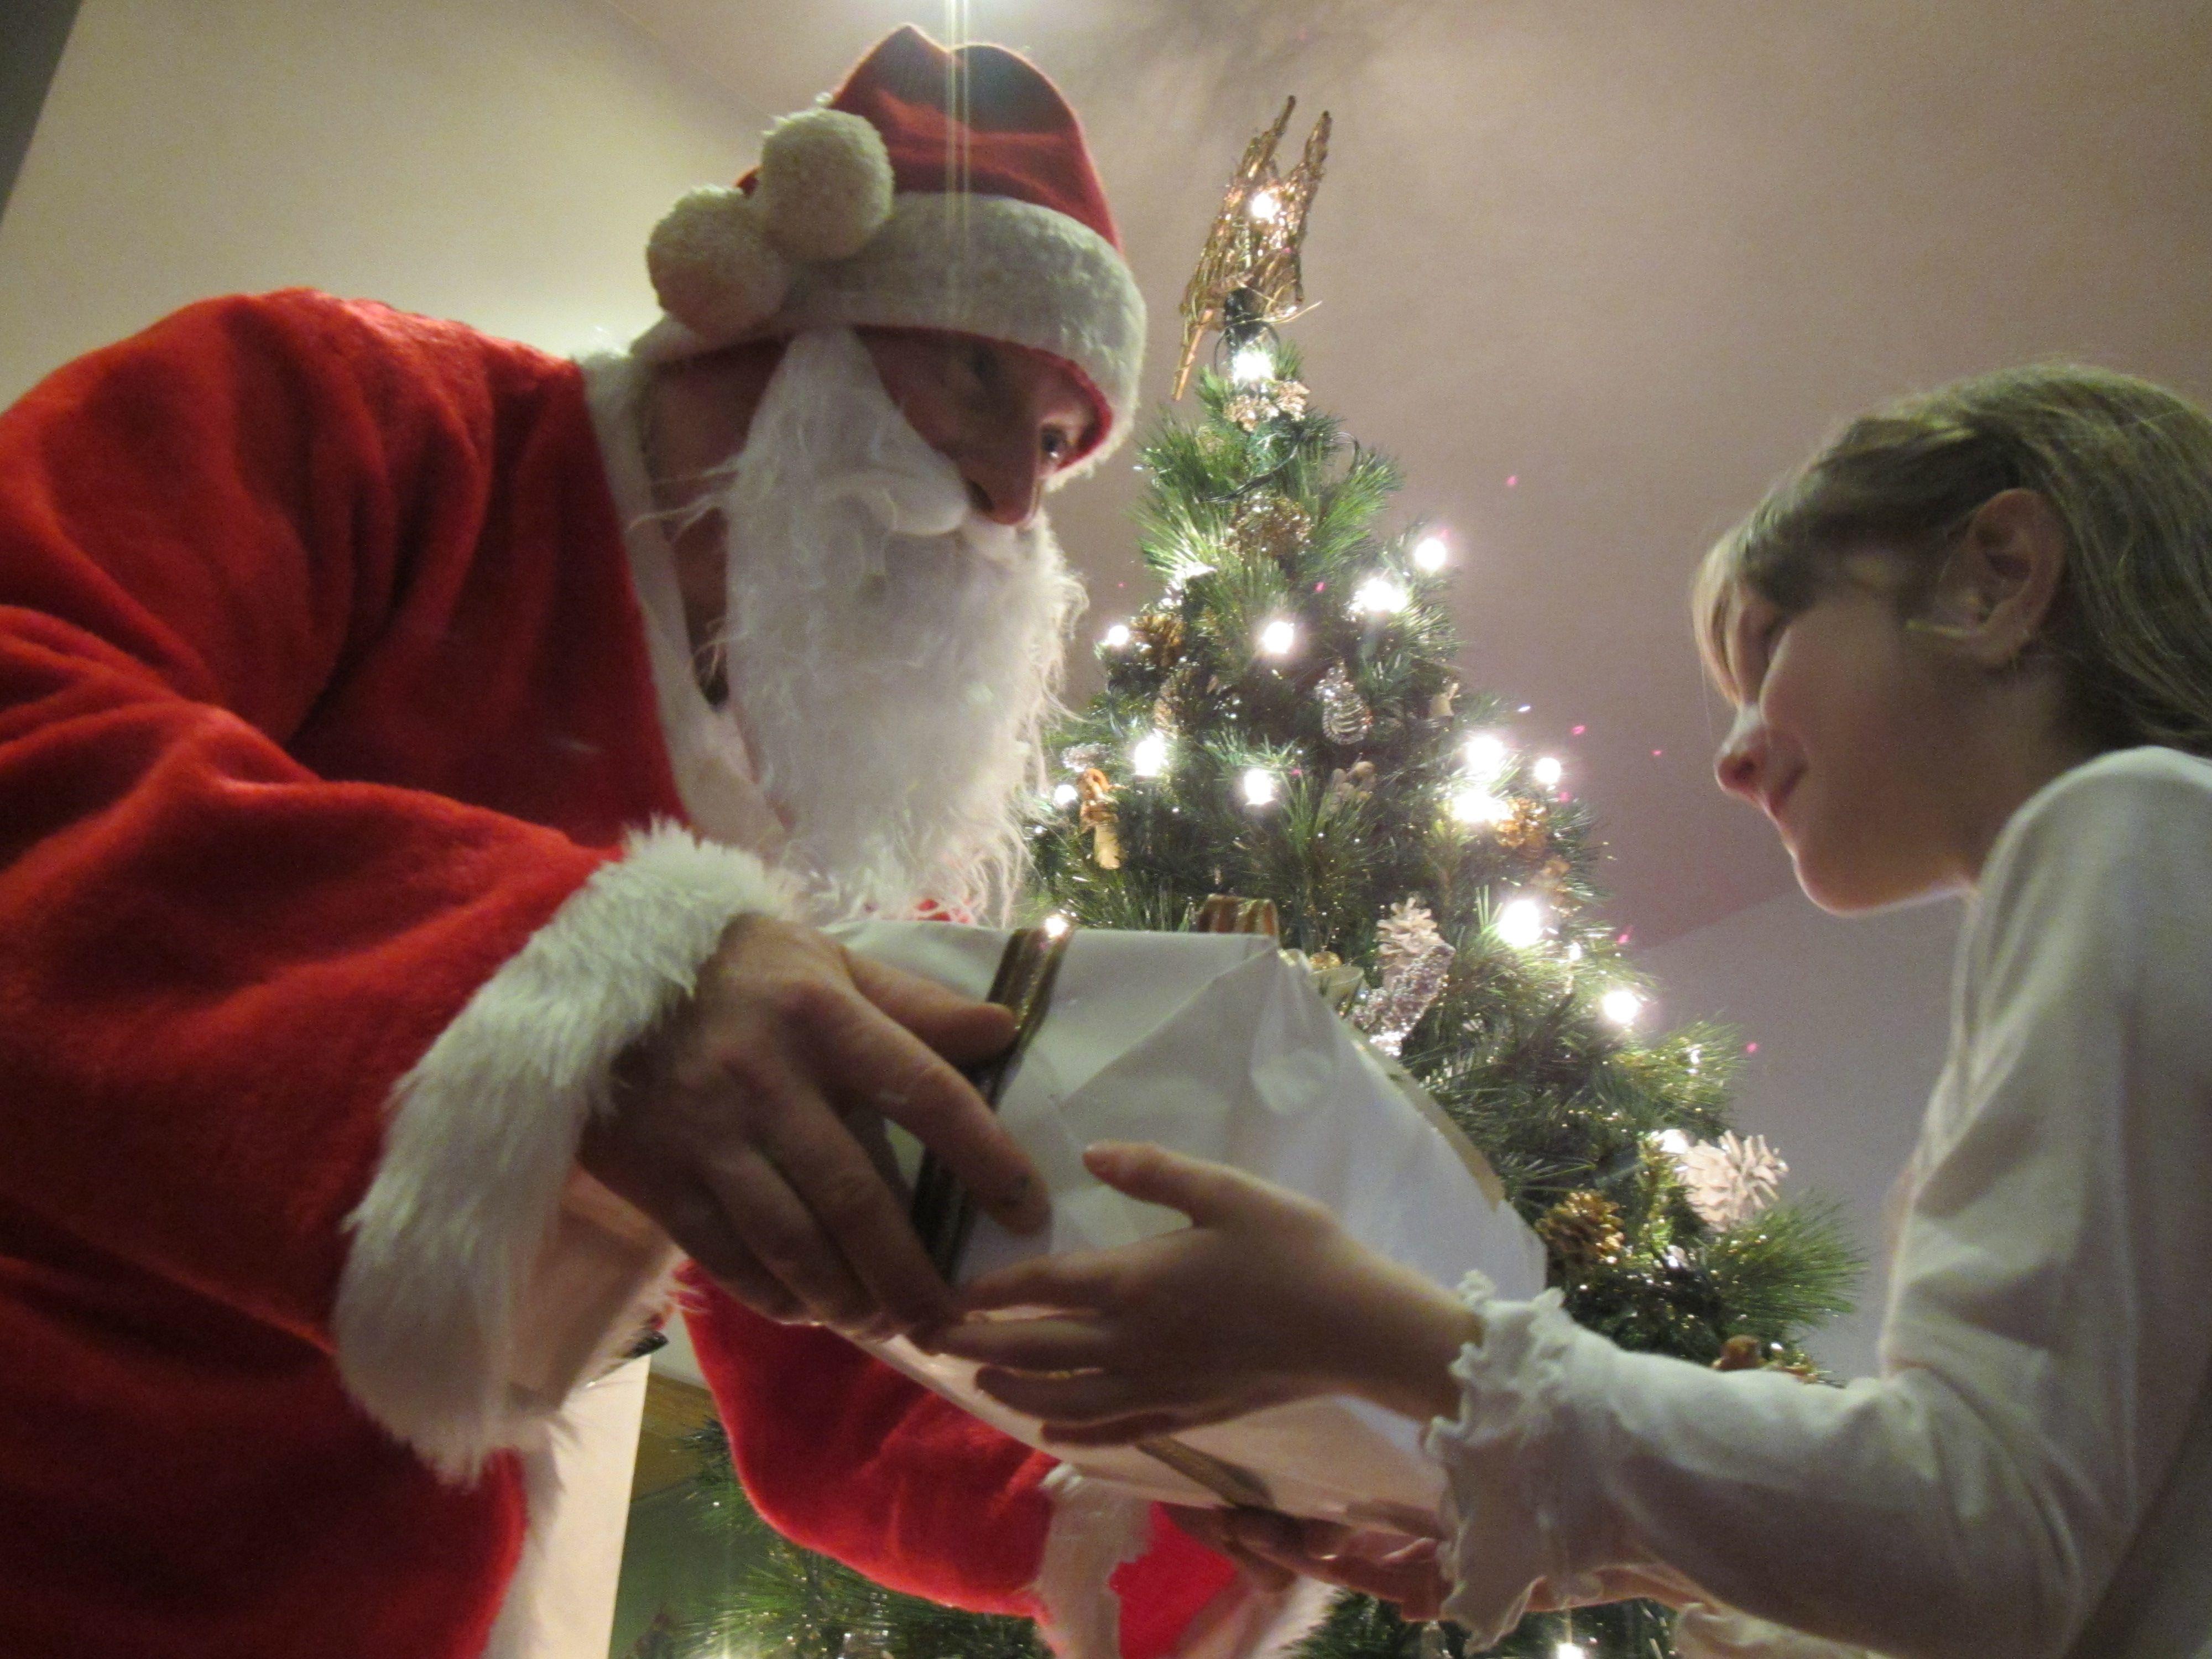 Per noi il #Natale è in #famiglia... per voi invece? ;-) #christmas #love #Noel #Weihnachten #vacanzainfamiglia #family #babbonatale